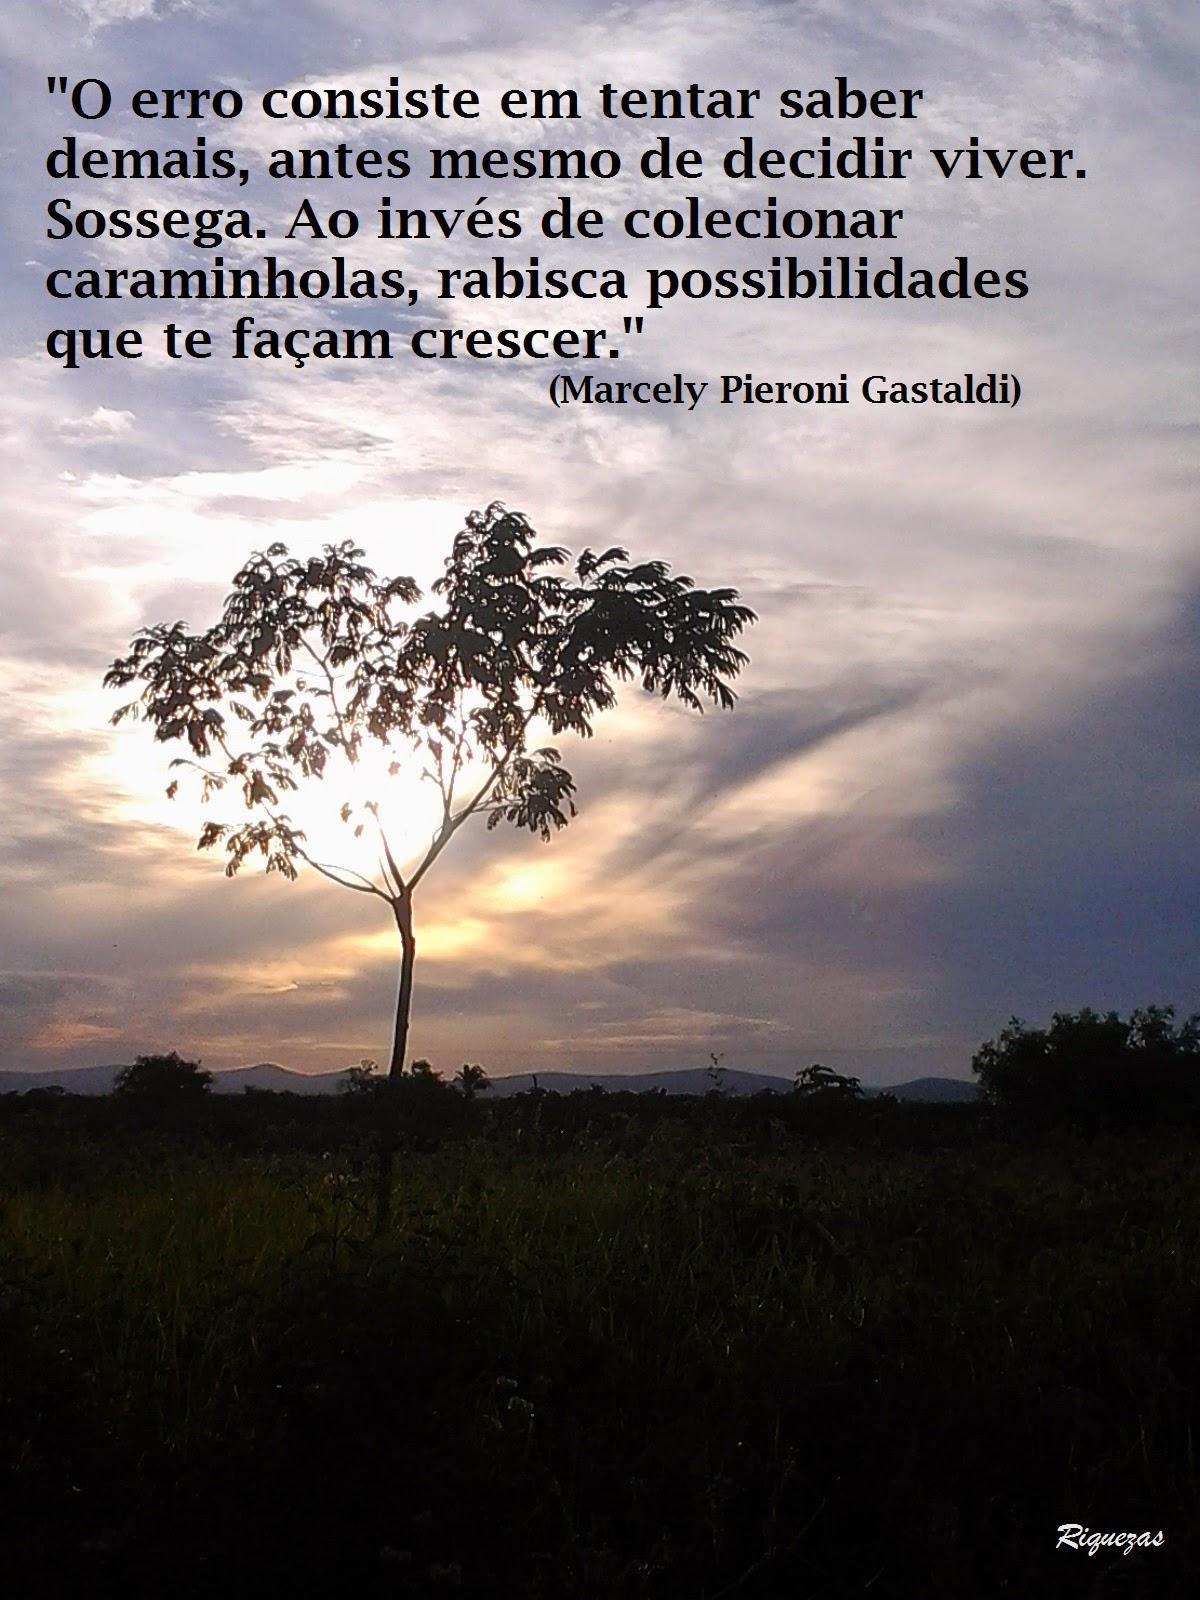 Foto particular - KRI - Foto tirada em Pratinha - BA